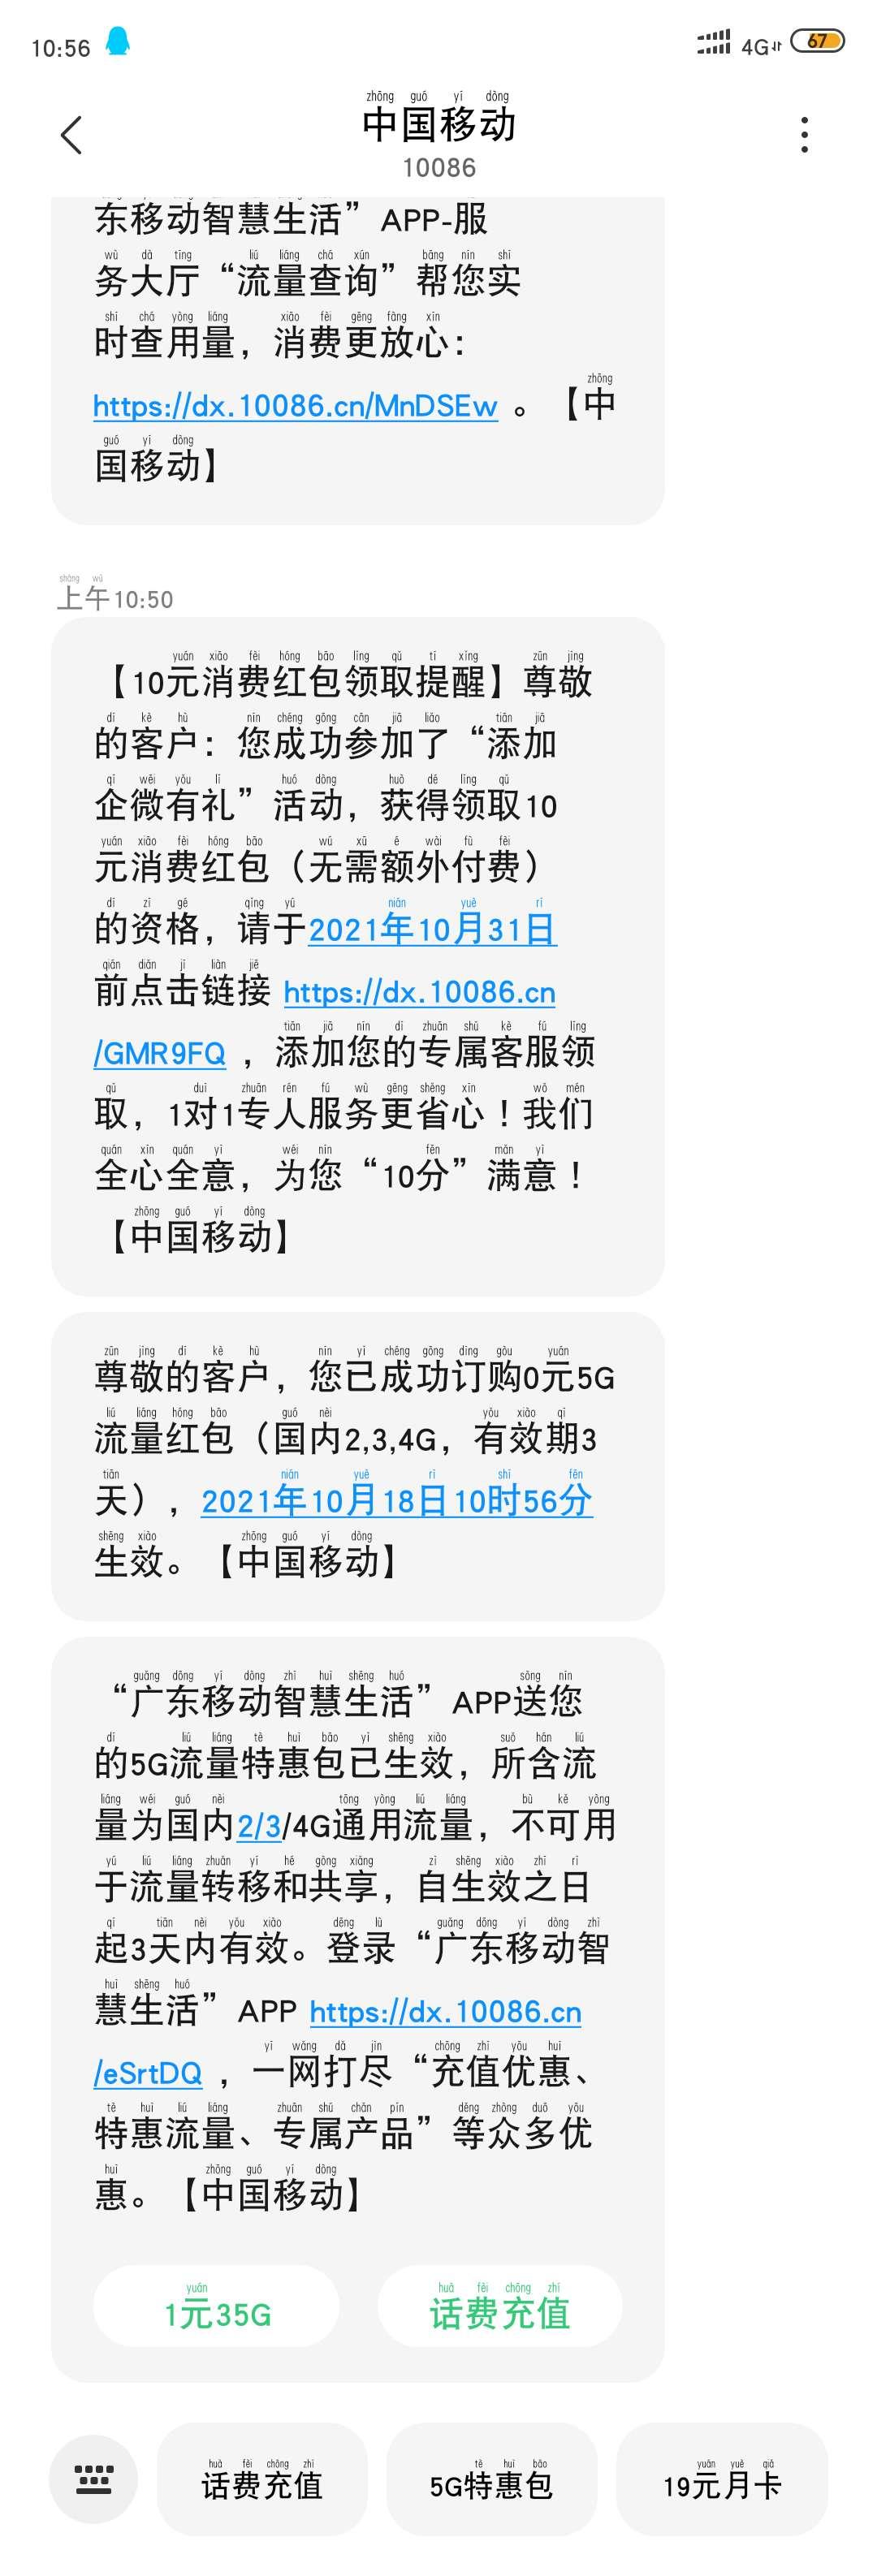 深圳移动福利